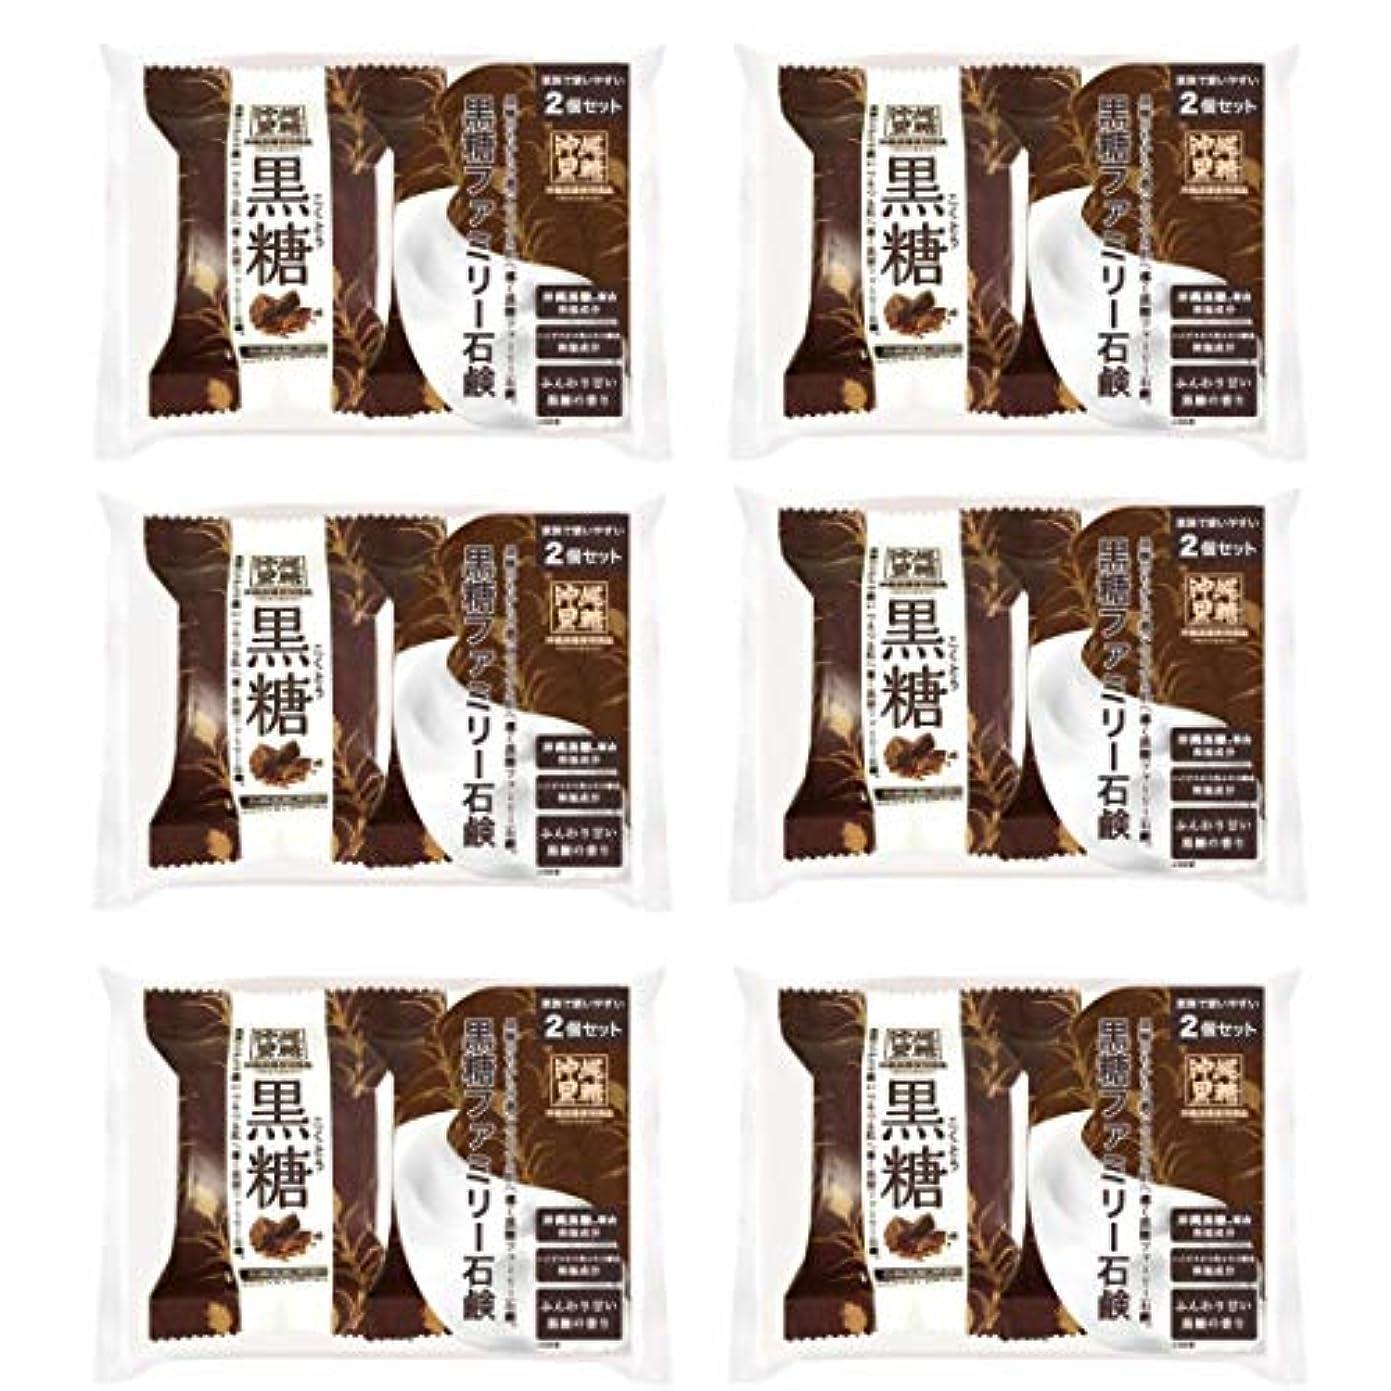 オリエントグレードヘクタール【6個セット】ペリカン石鹸 ファミリー黒糖石鹸 80g×2個